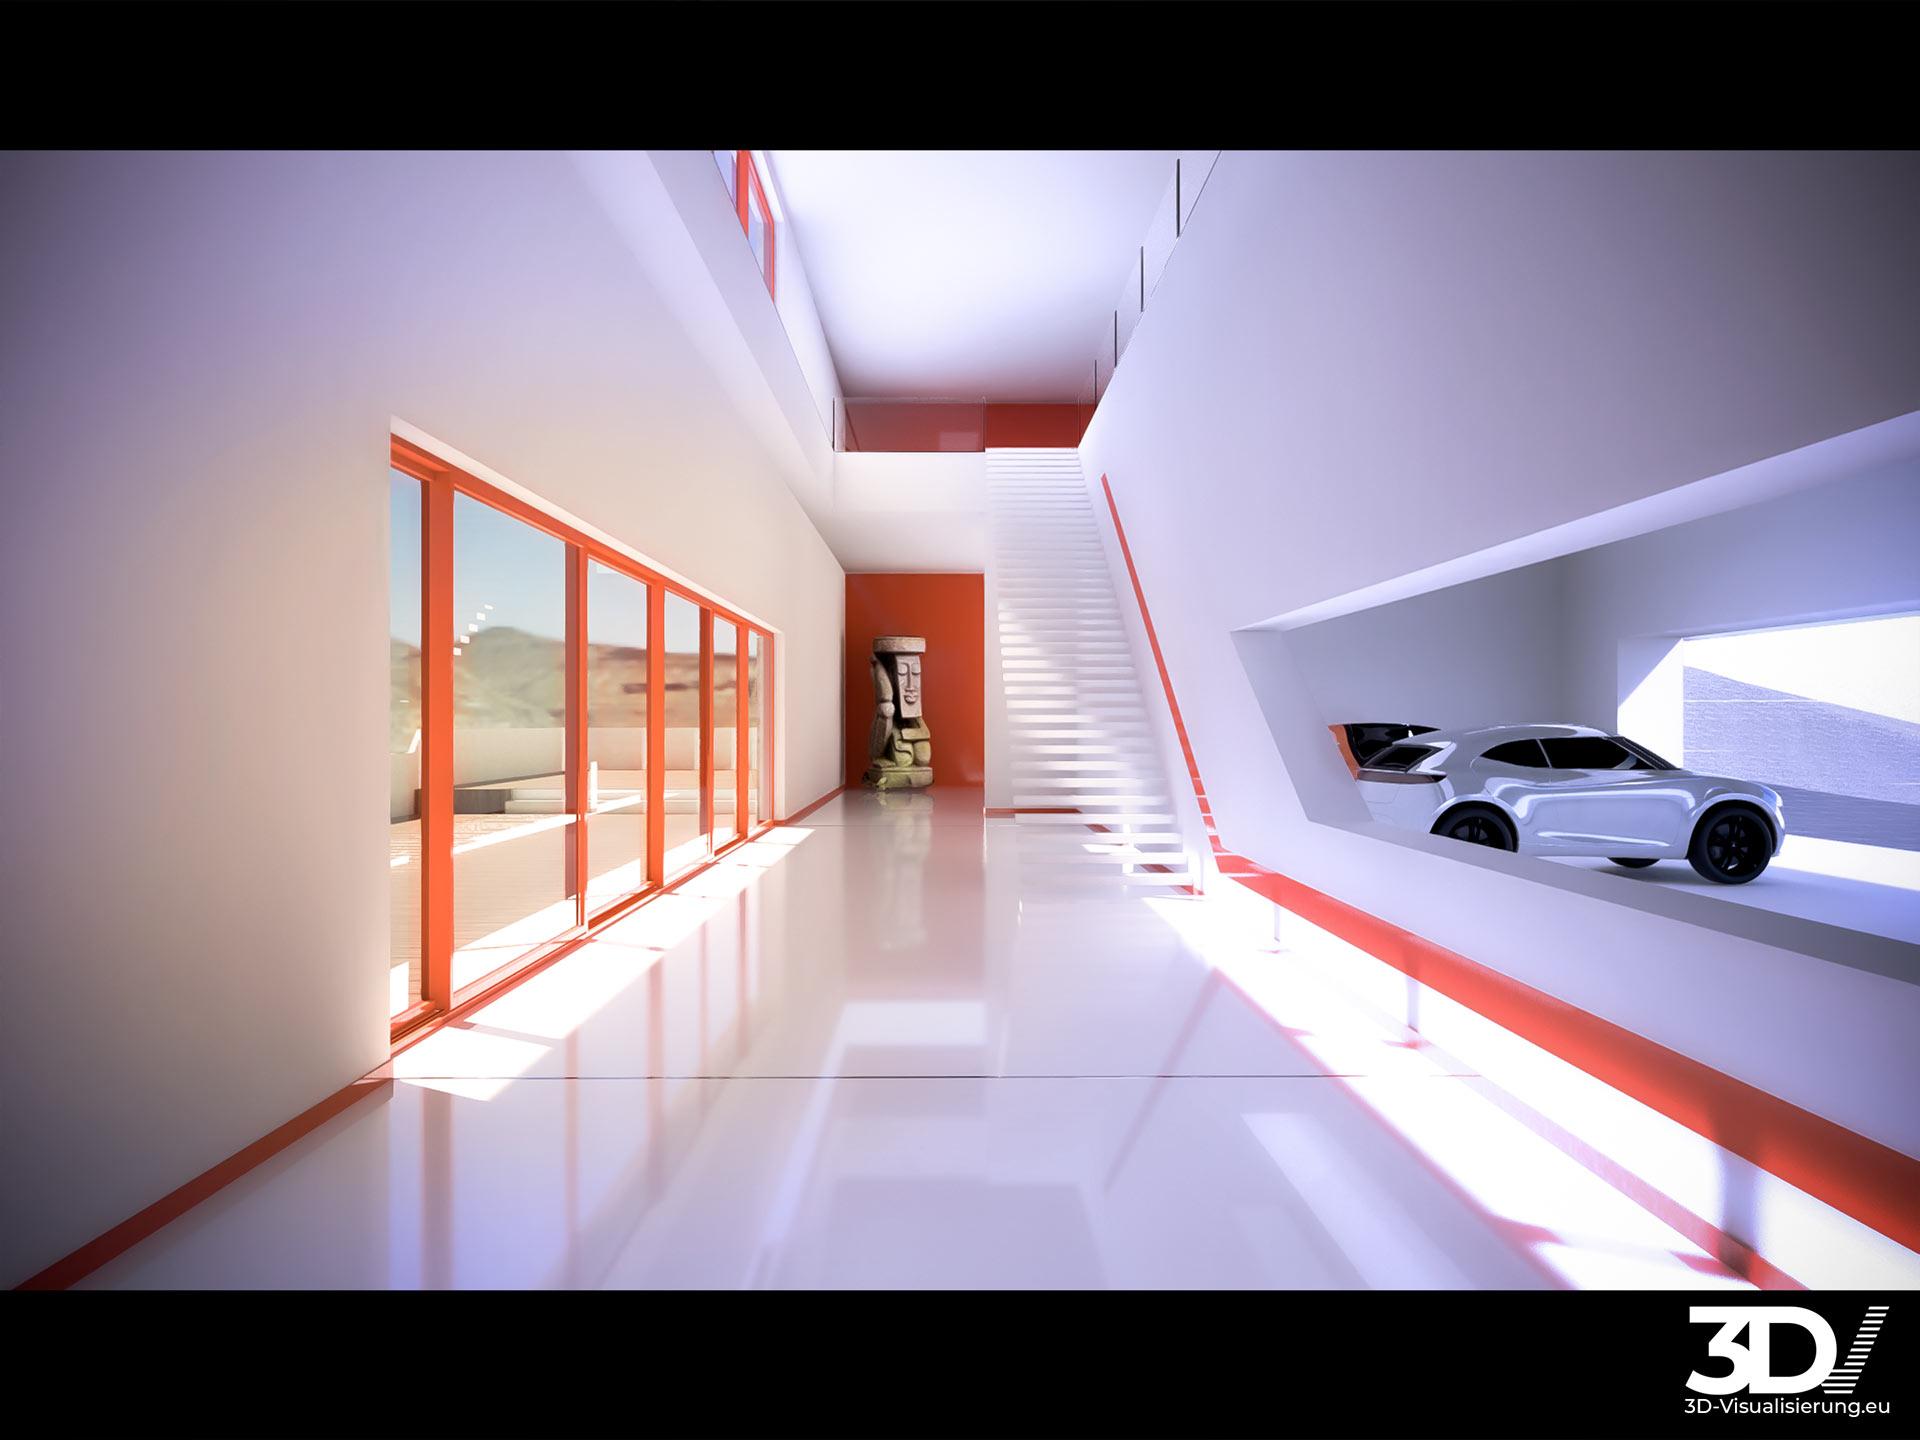 Visualisierung einer offenen Villa am Nürburgring